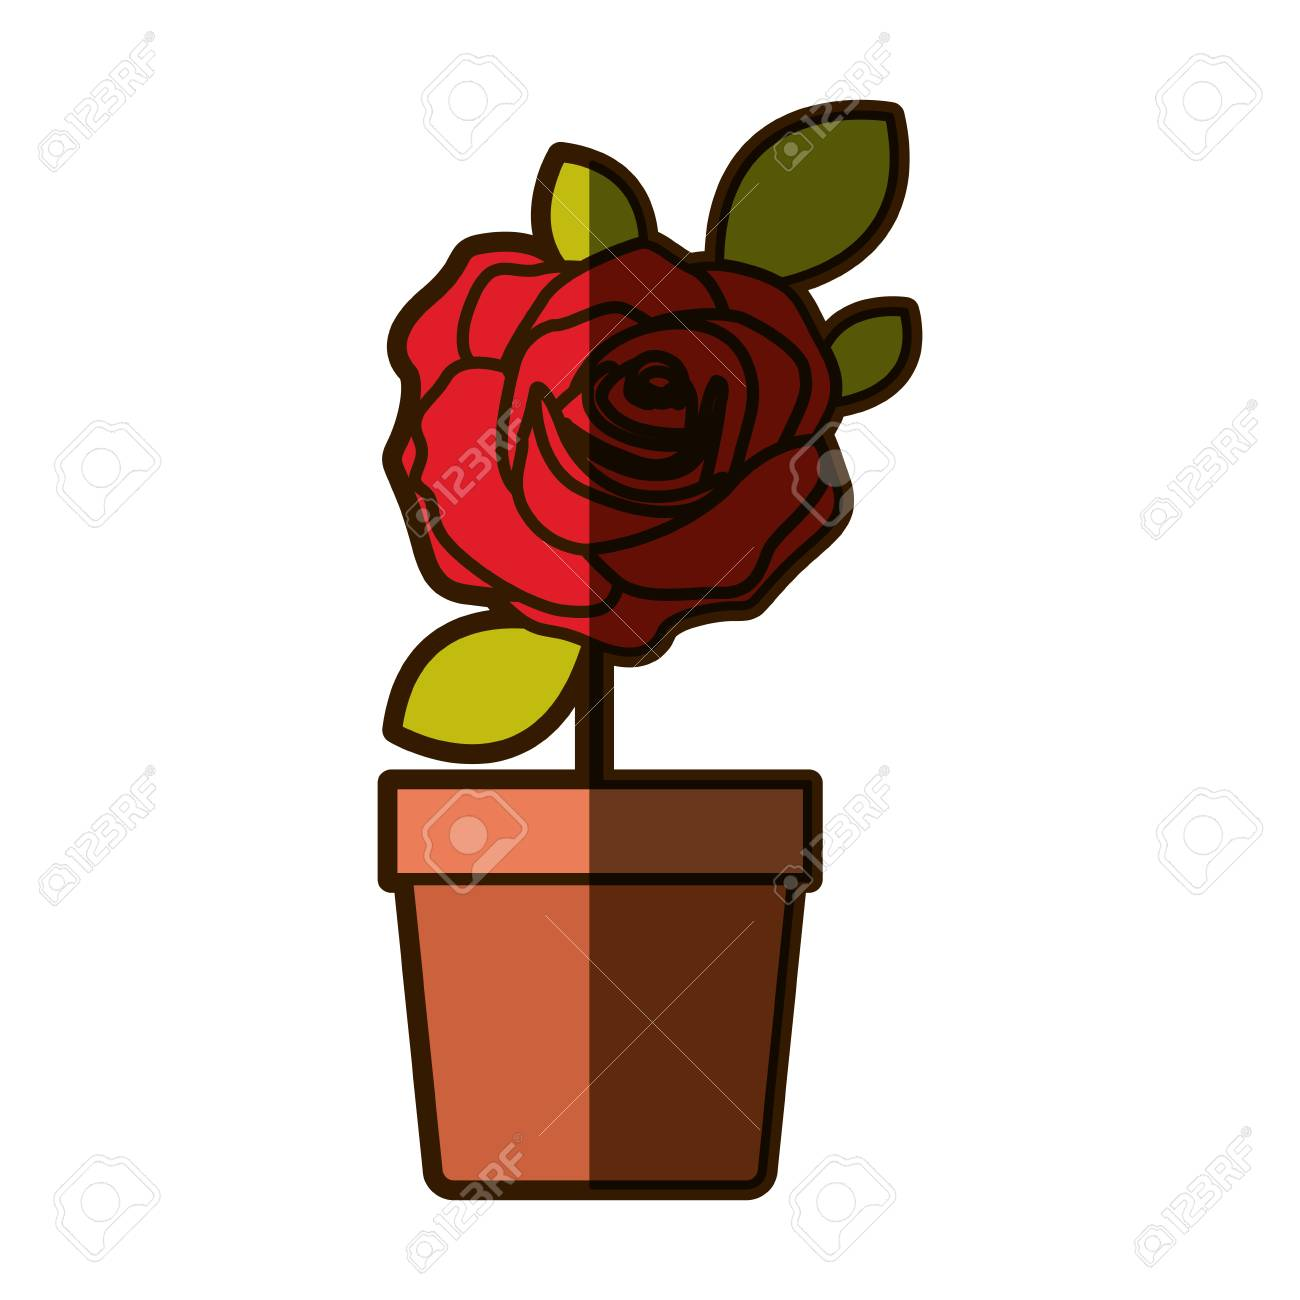 Dessin D Ombrage Colore Fleuri Rose Rouge Avec Des Feuilles Et De La